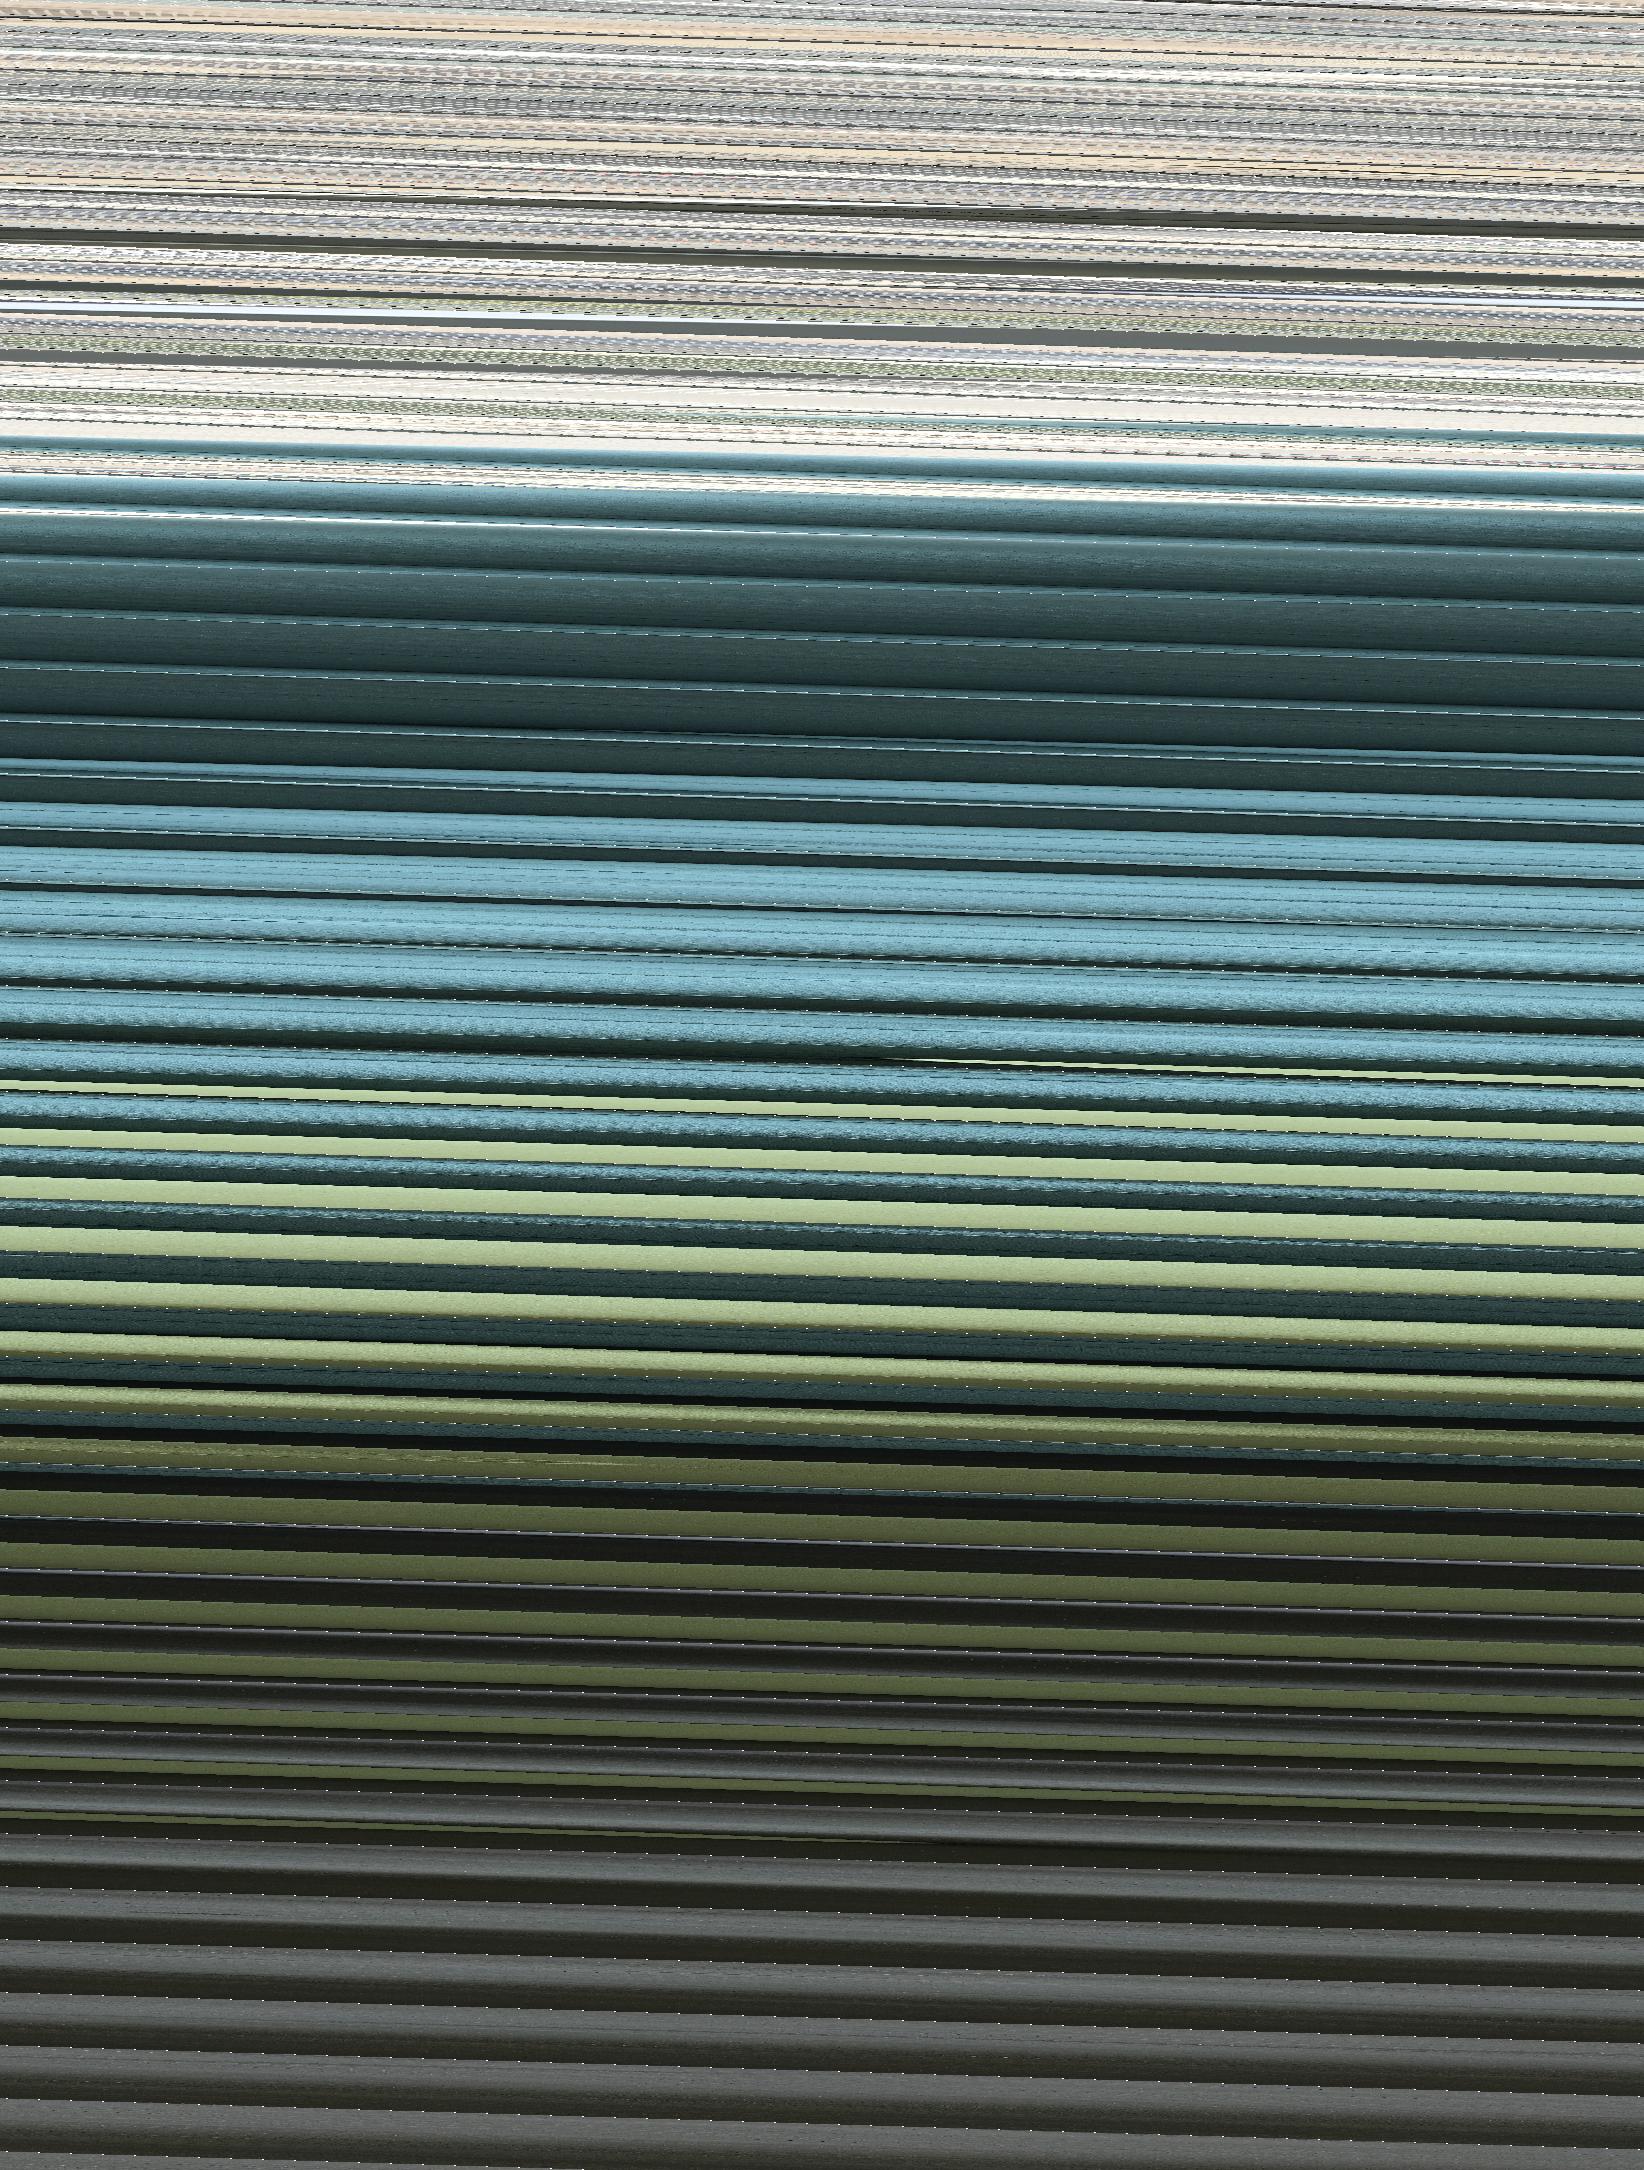 Screen Shot 2017-09-07 at 5.28.59 PM.png